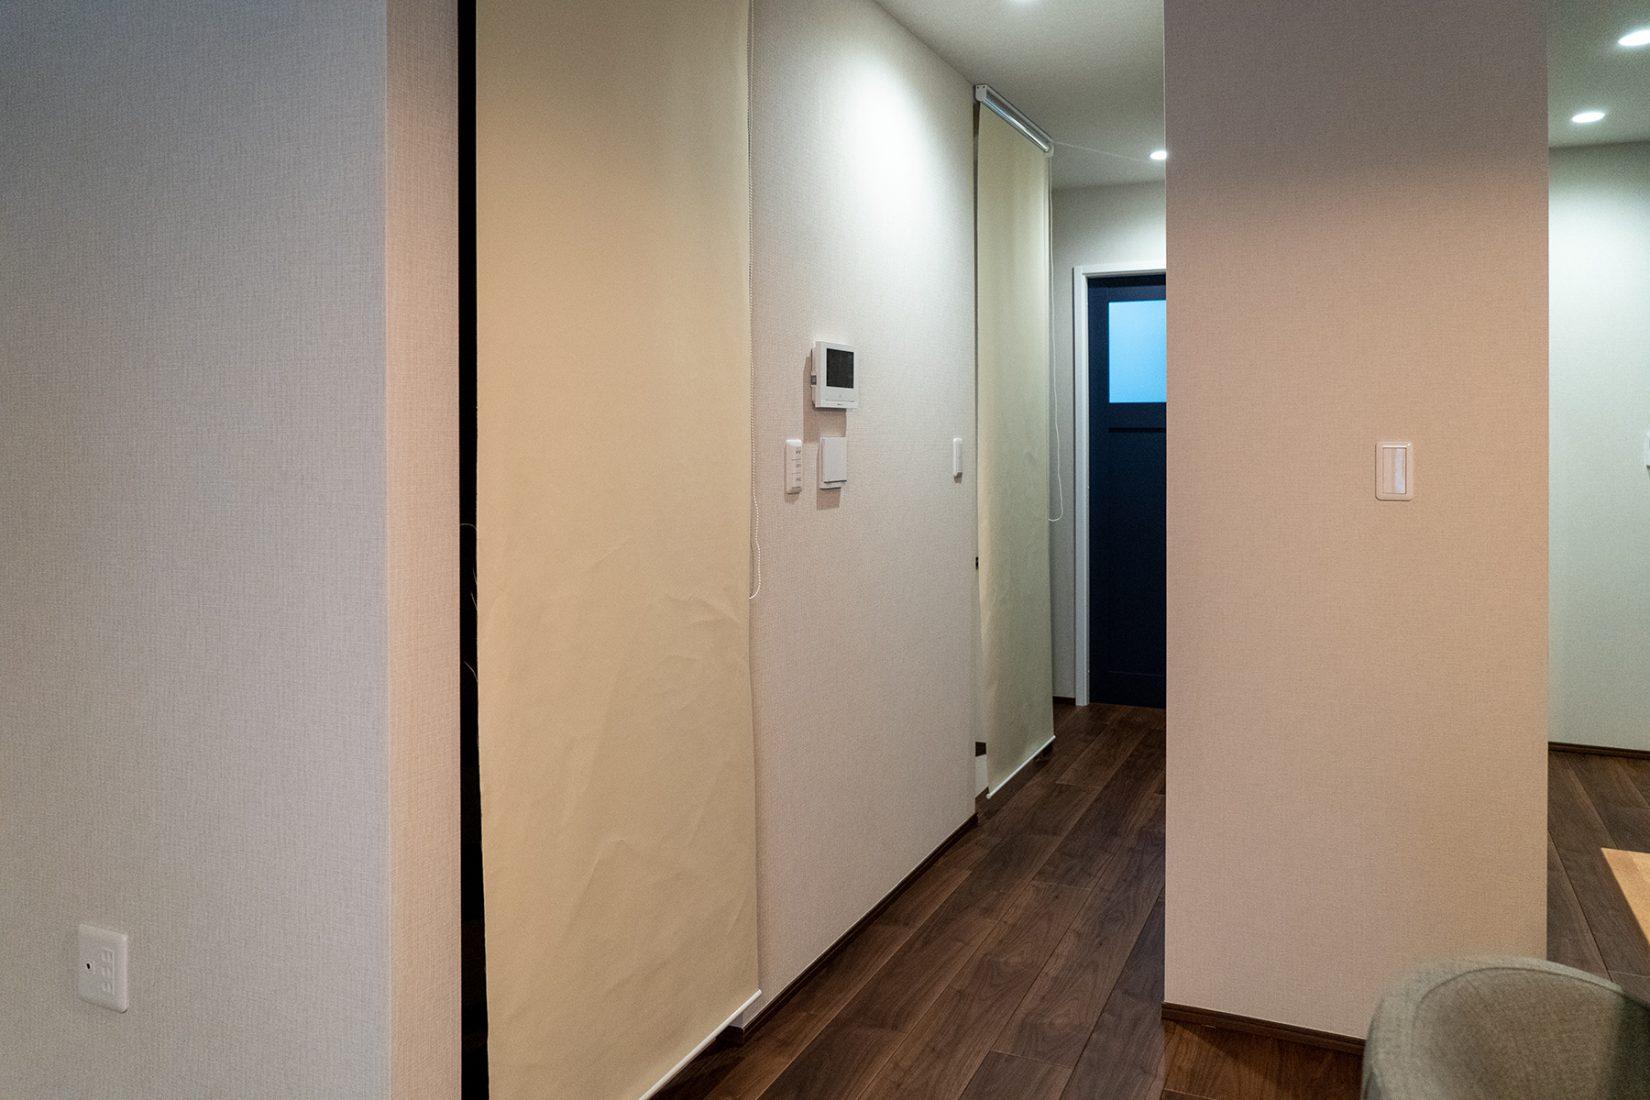 お客様ご自身で階段部分にシェードを取り付けて暖房効率を上げる工夫をされている